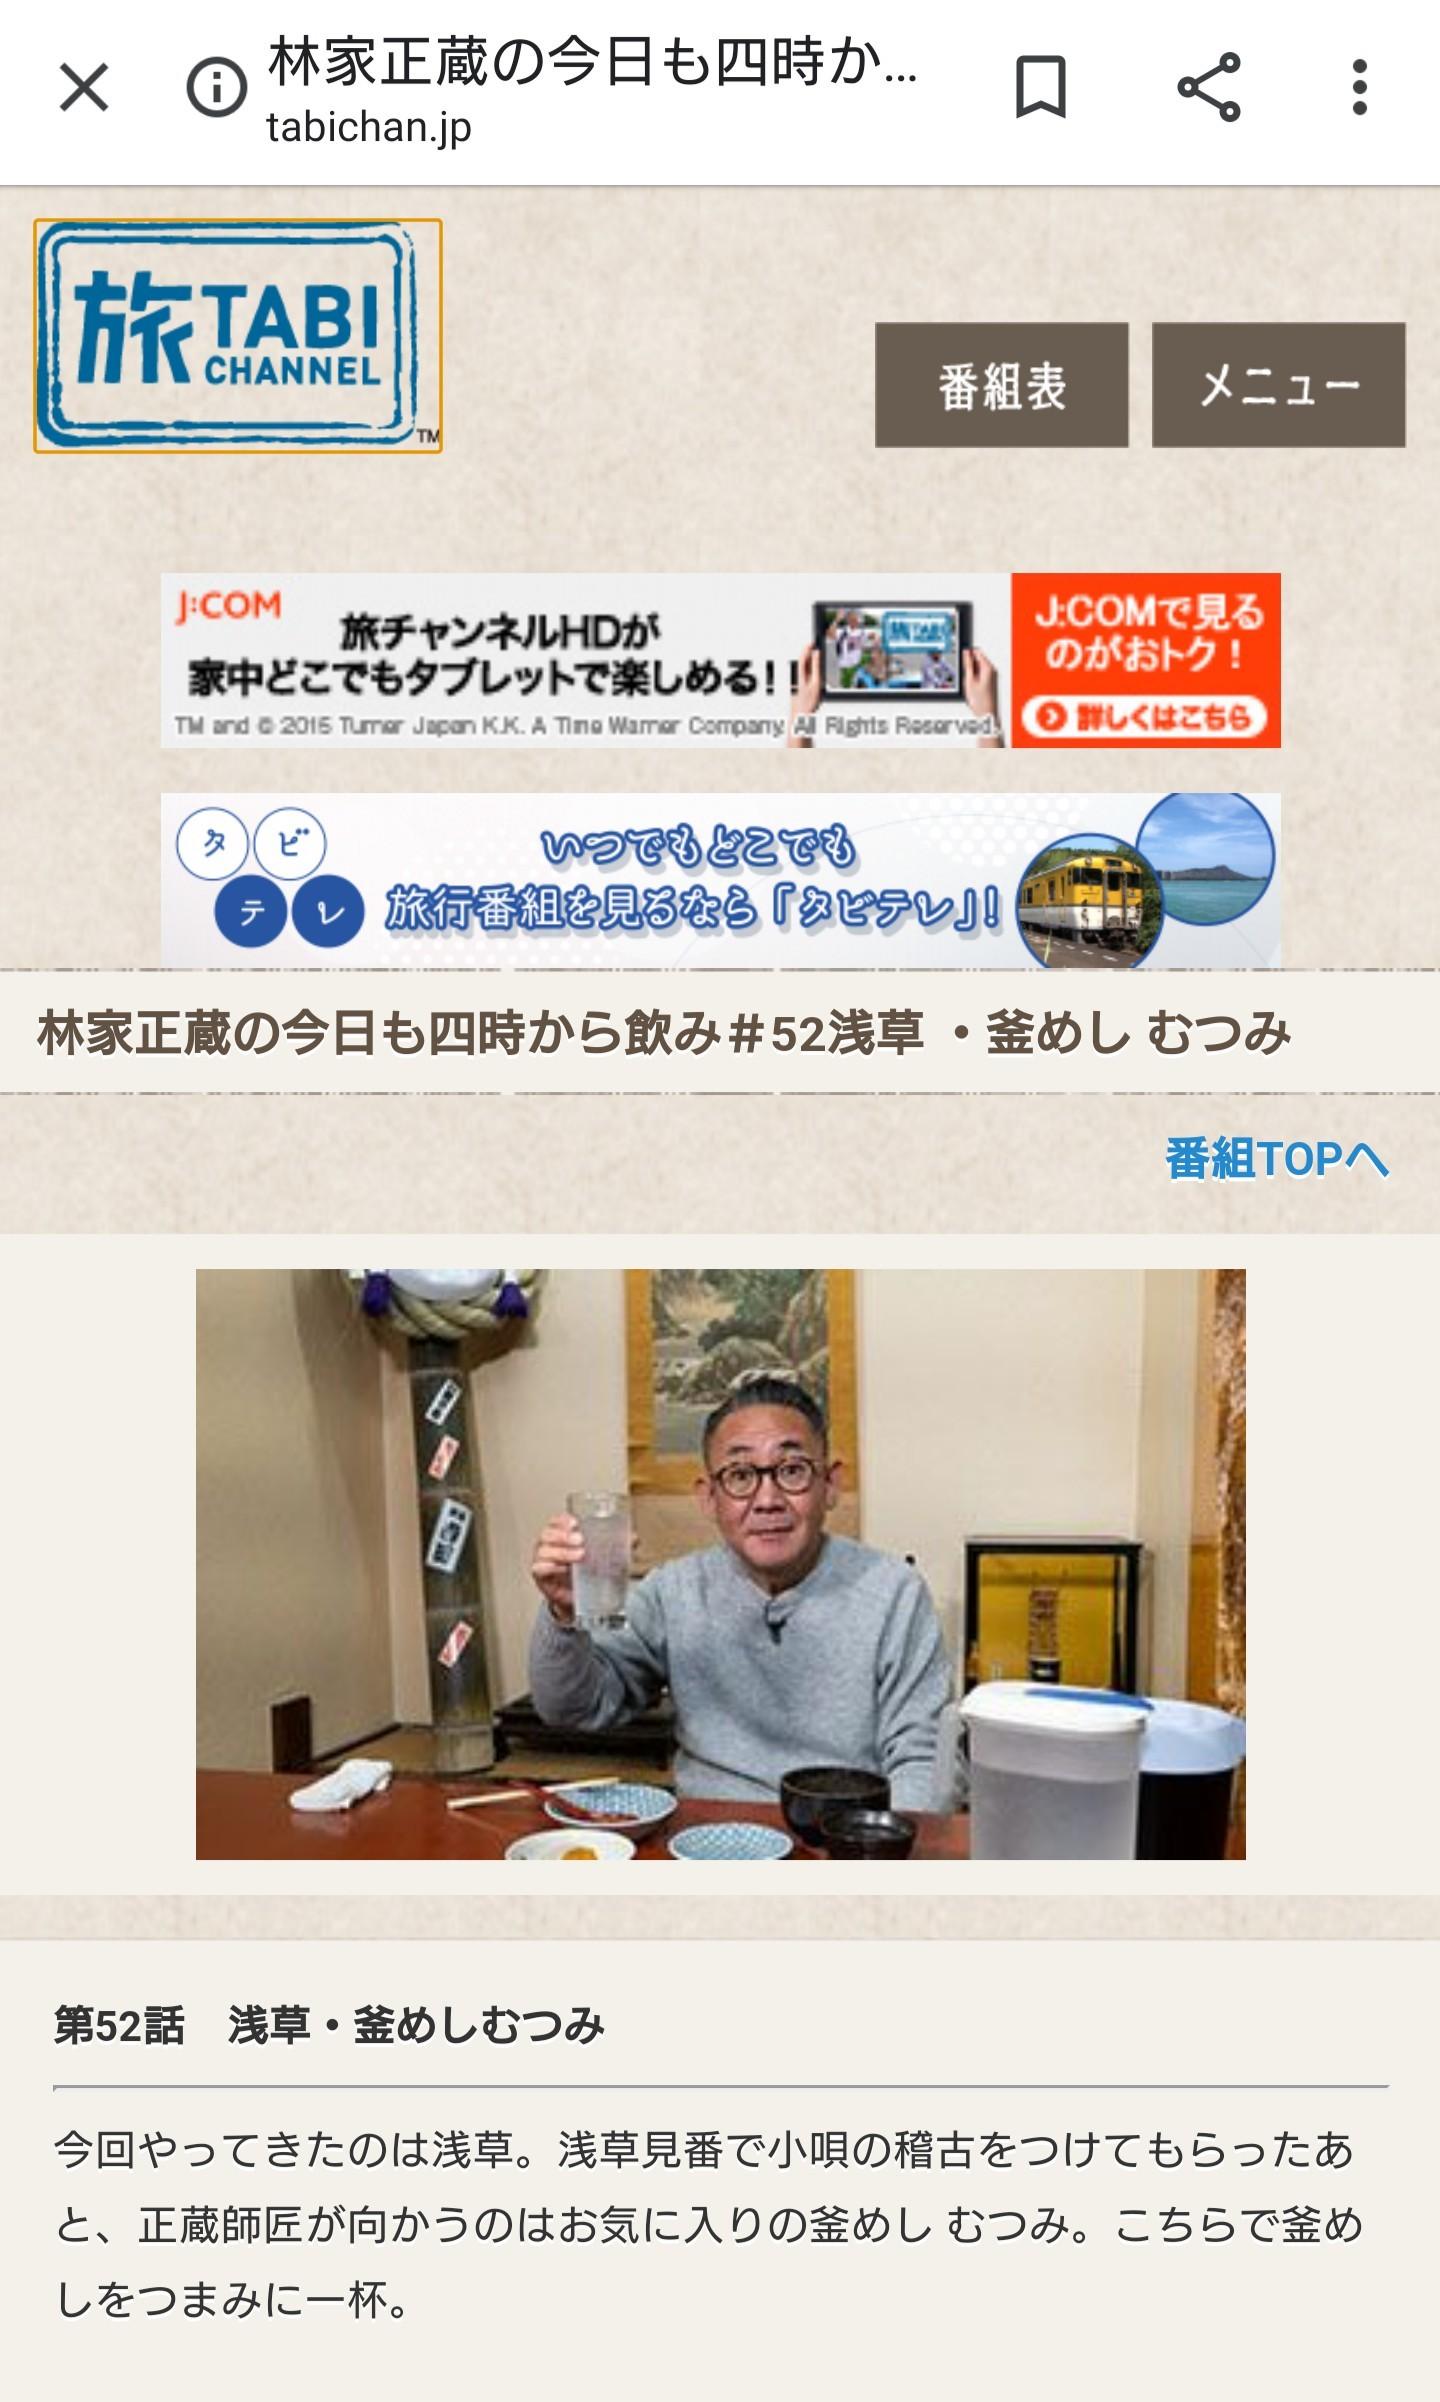 旅チャンネル『林家正蔵 今日も四時から飲み』出演します_e0189104_22411765.jpg